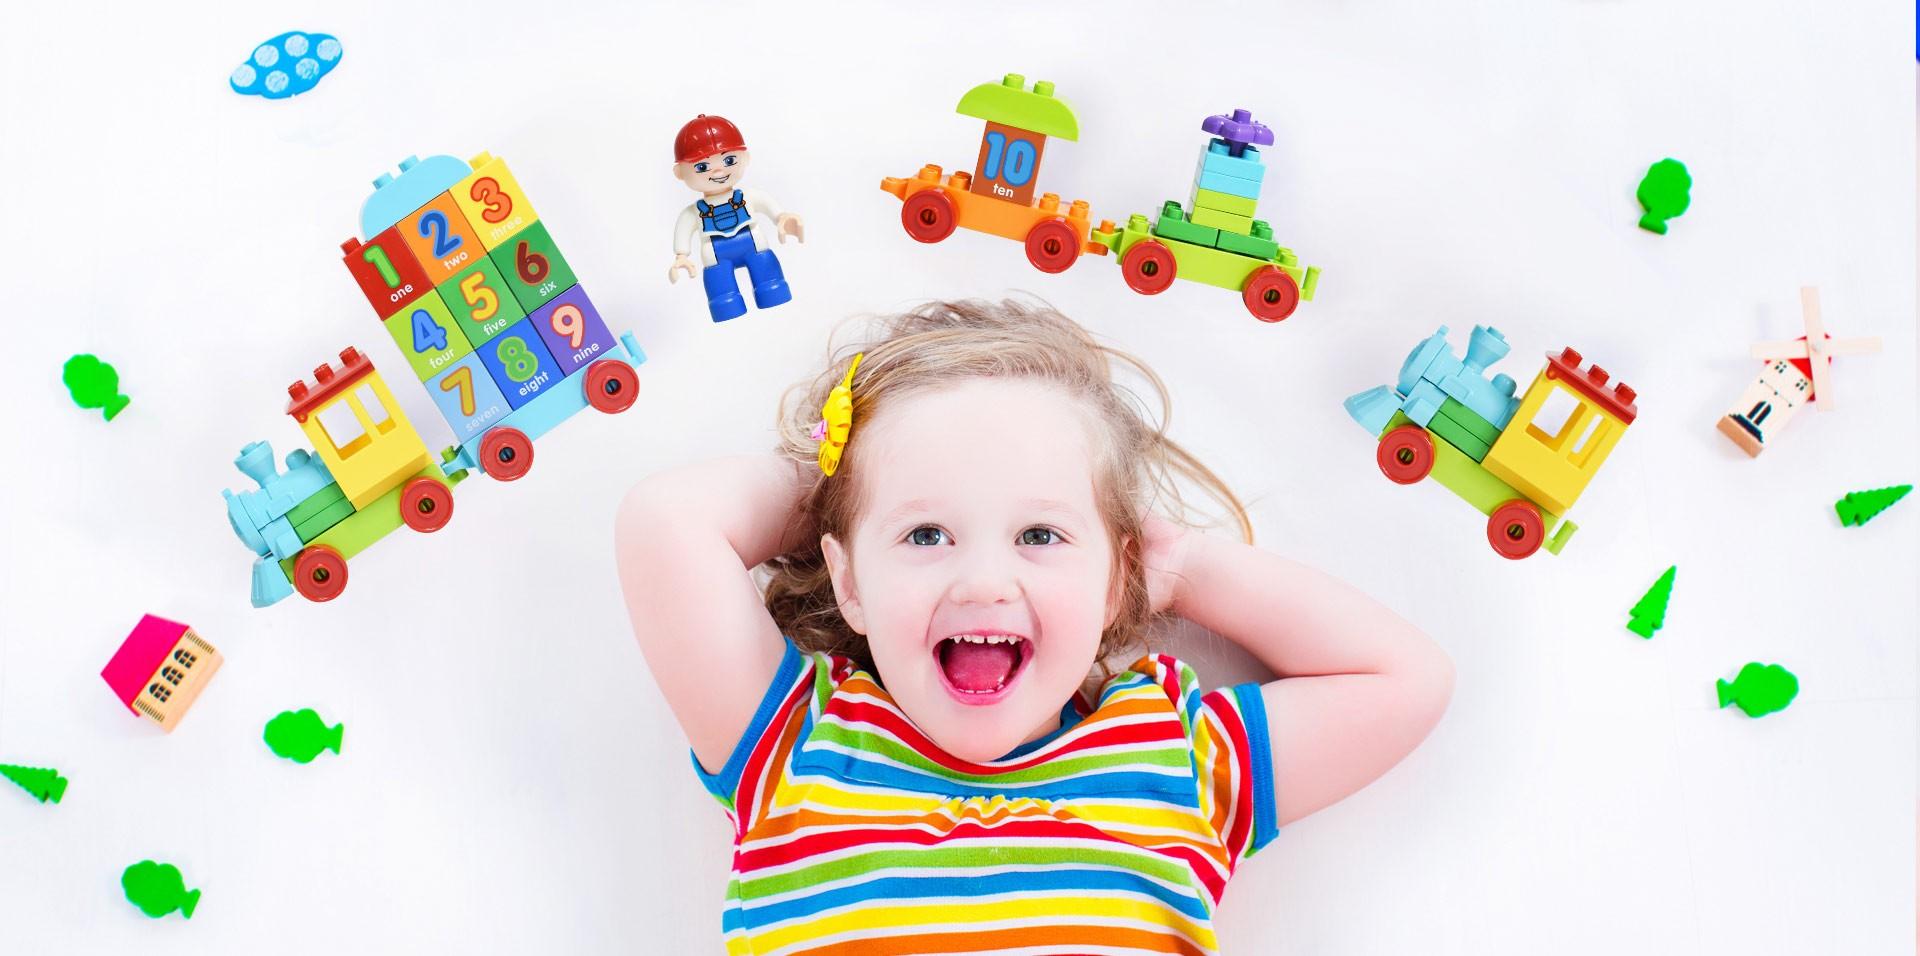 歡樂玩積木,激發無限想像力!